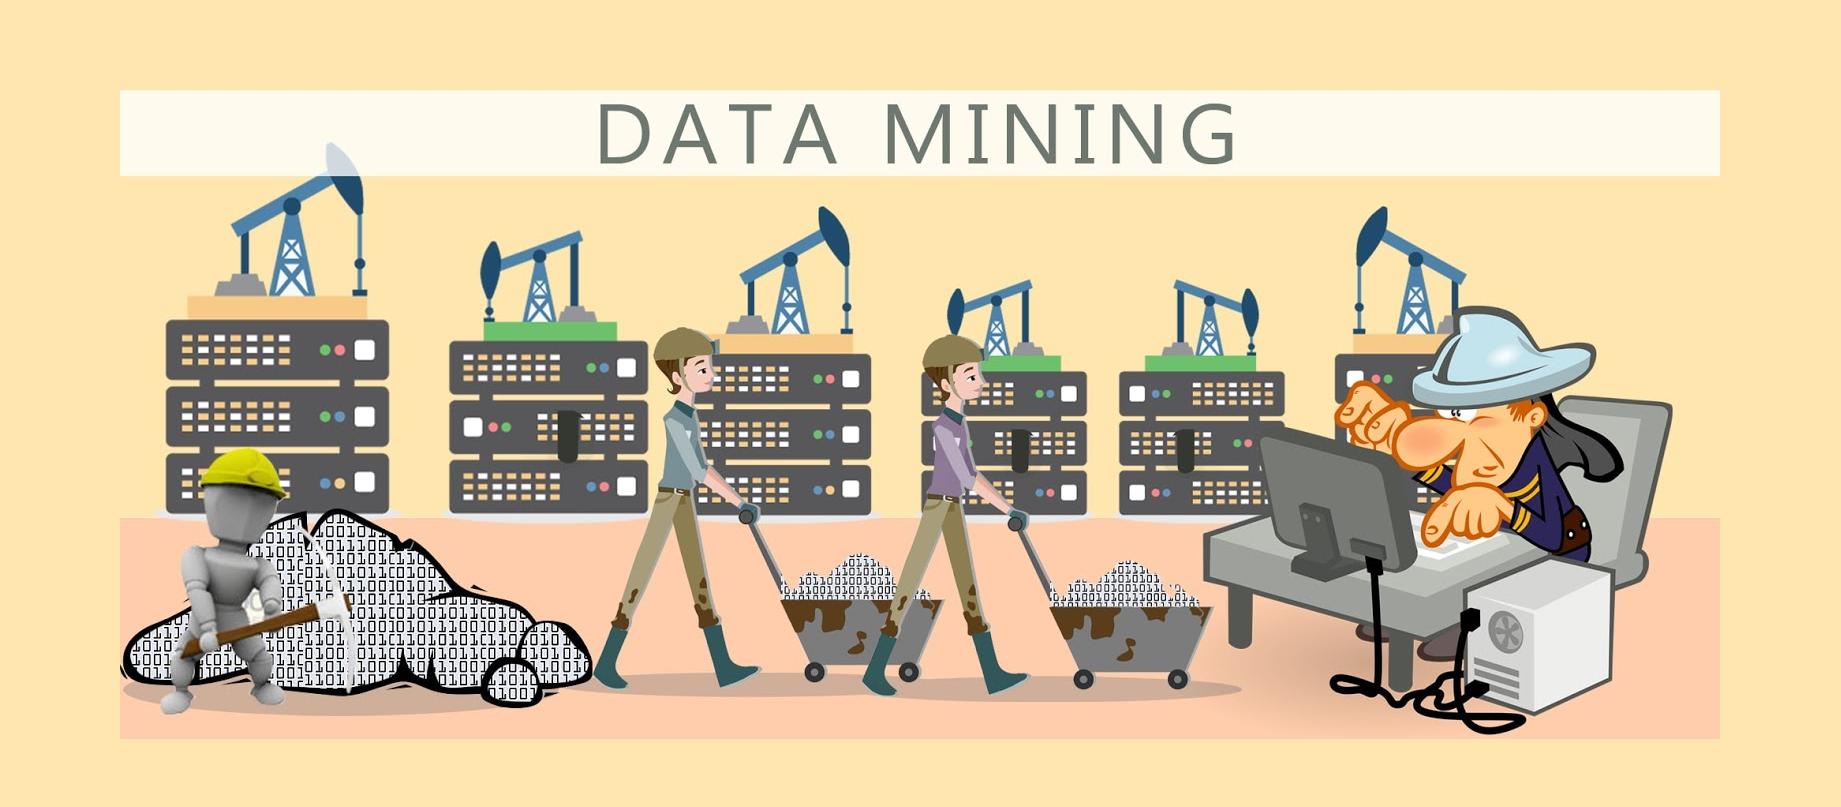 Data Mining per sito eCommerce: possibili soluzioni